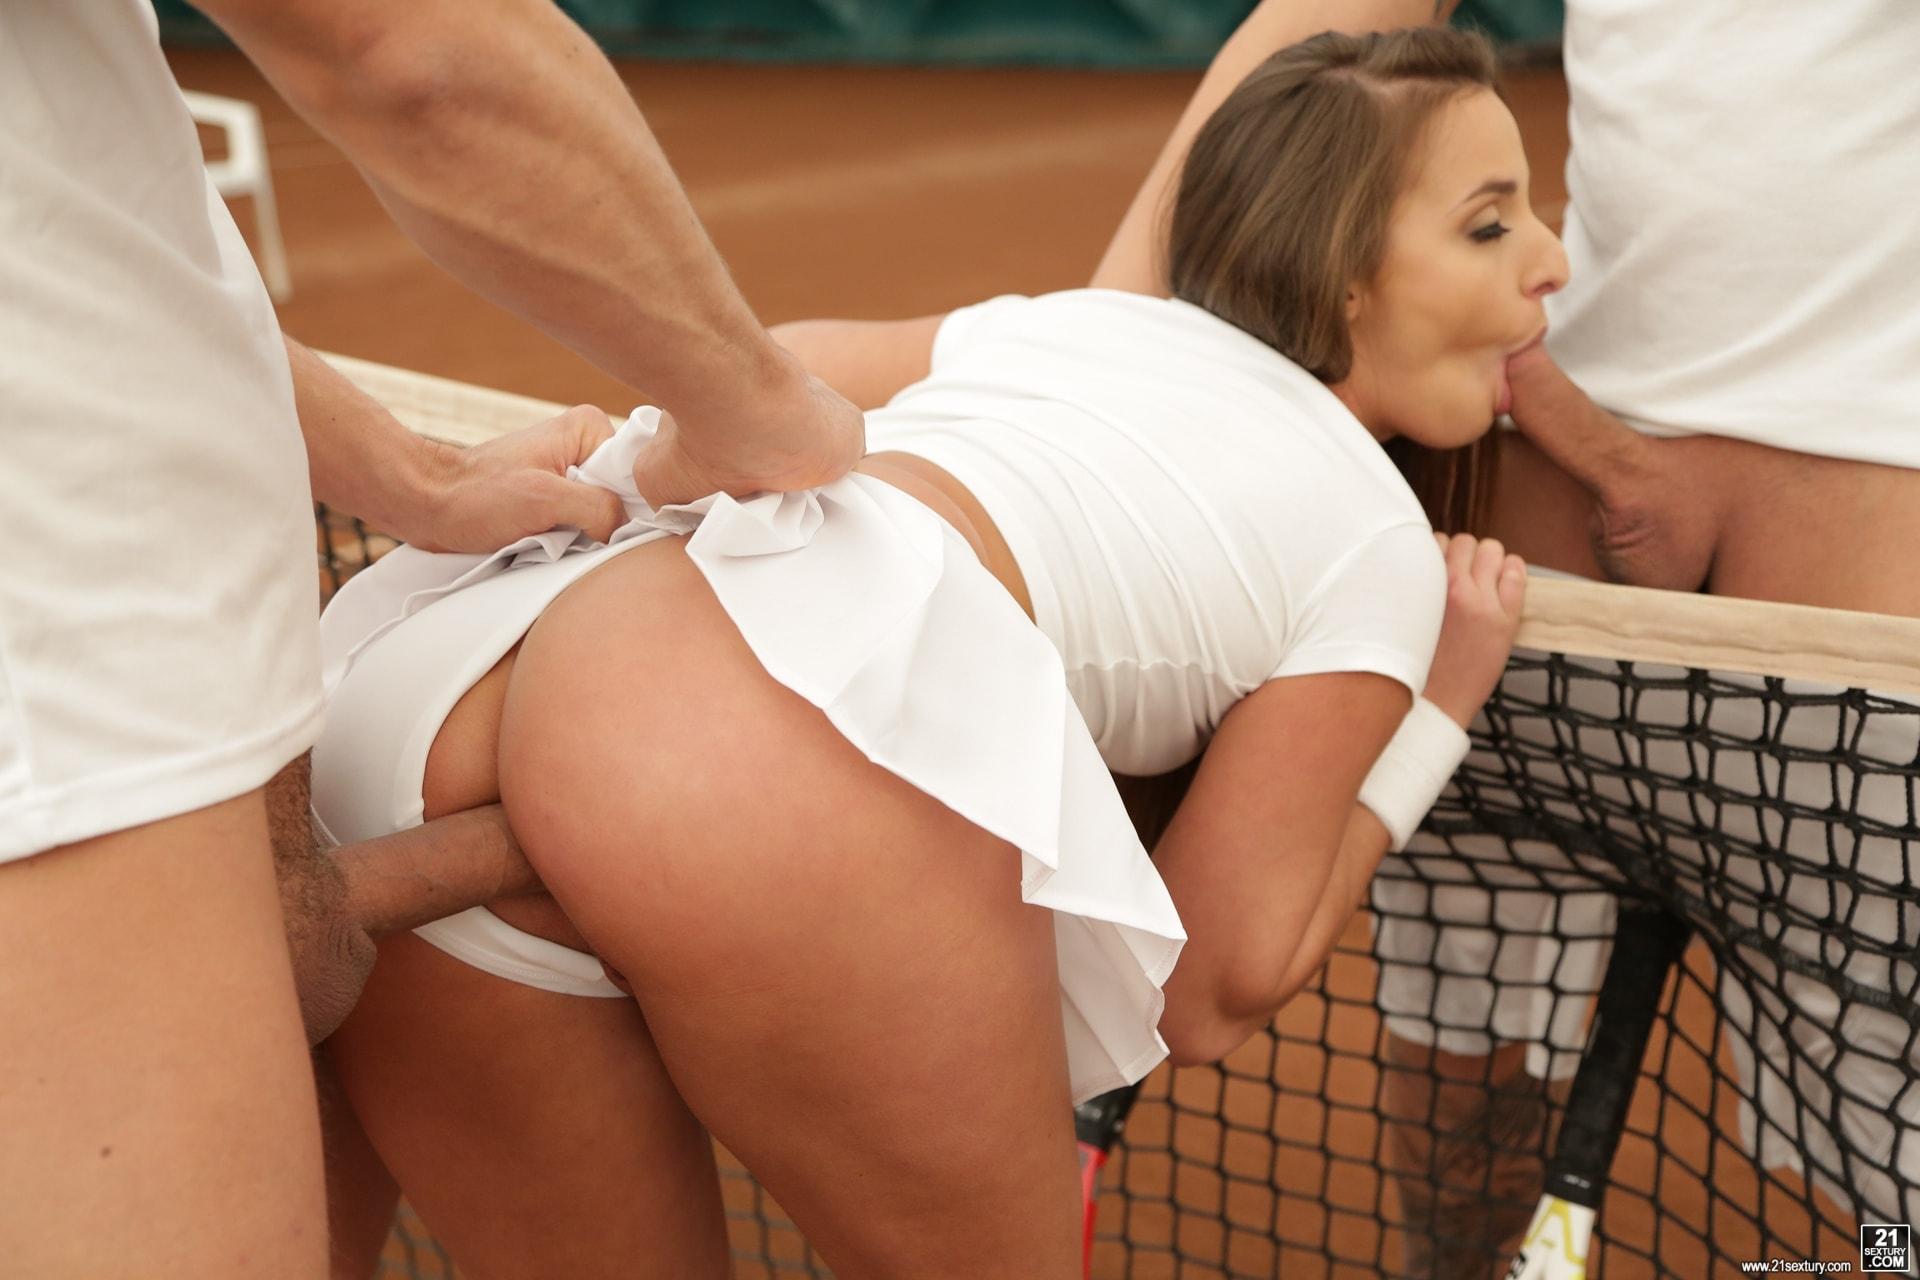 Секс с теннисисткой, Бесплатное порно ; Теннисистки ; Популярные 2 фотография